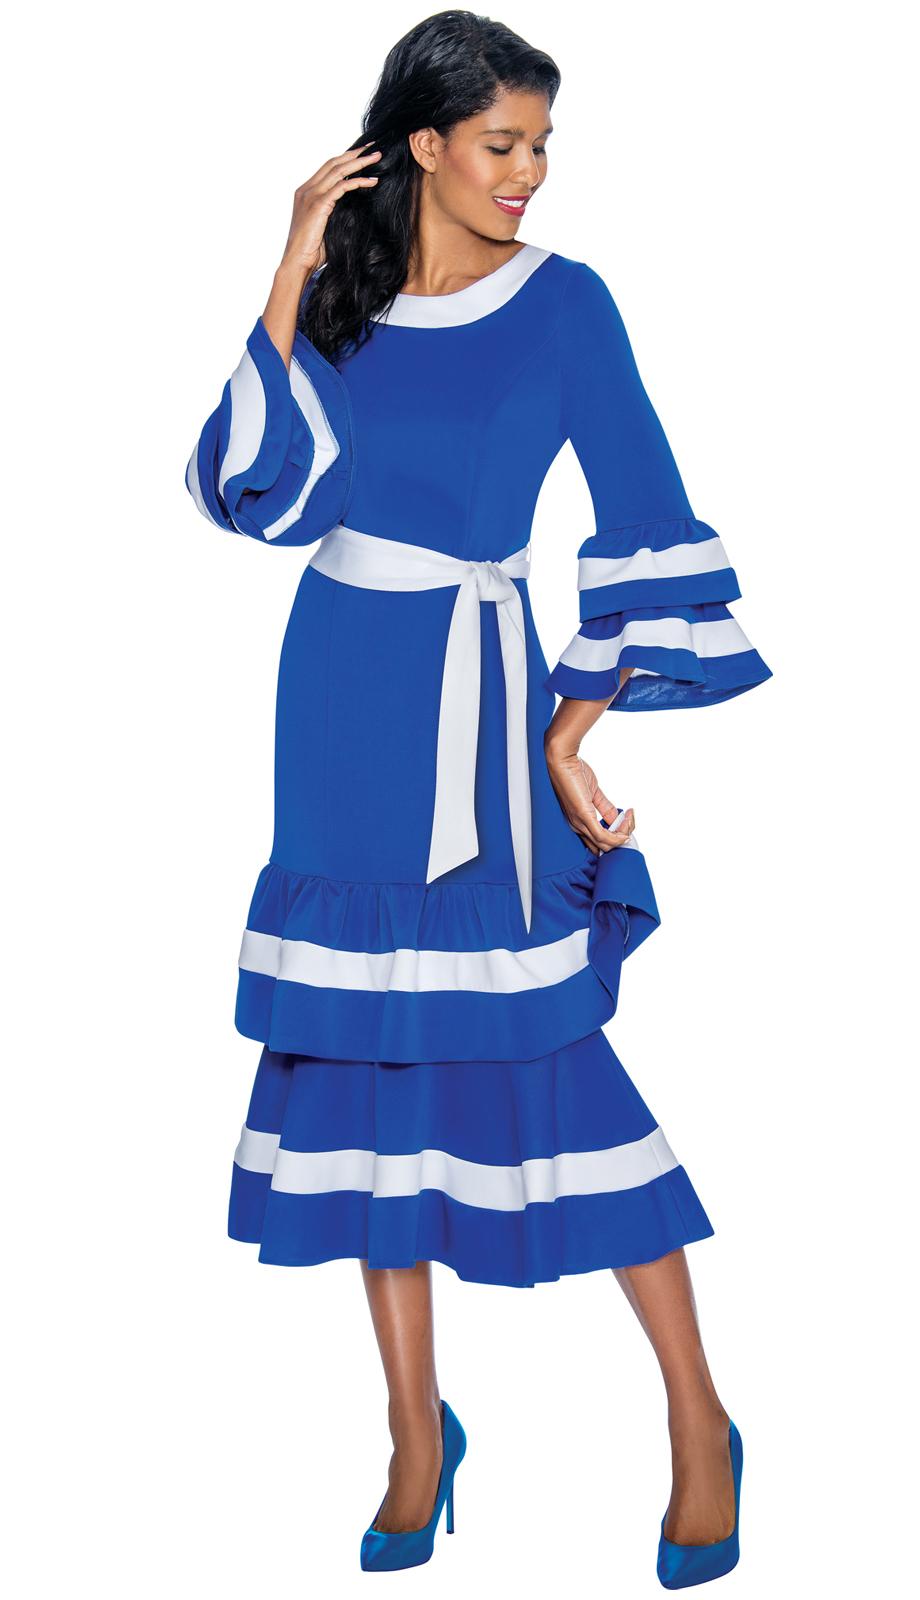 Dresses By Nubiano 3131-RW